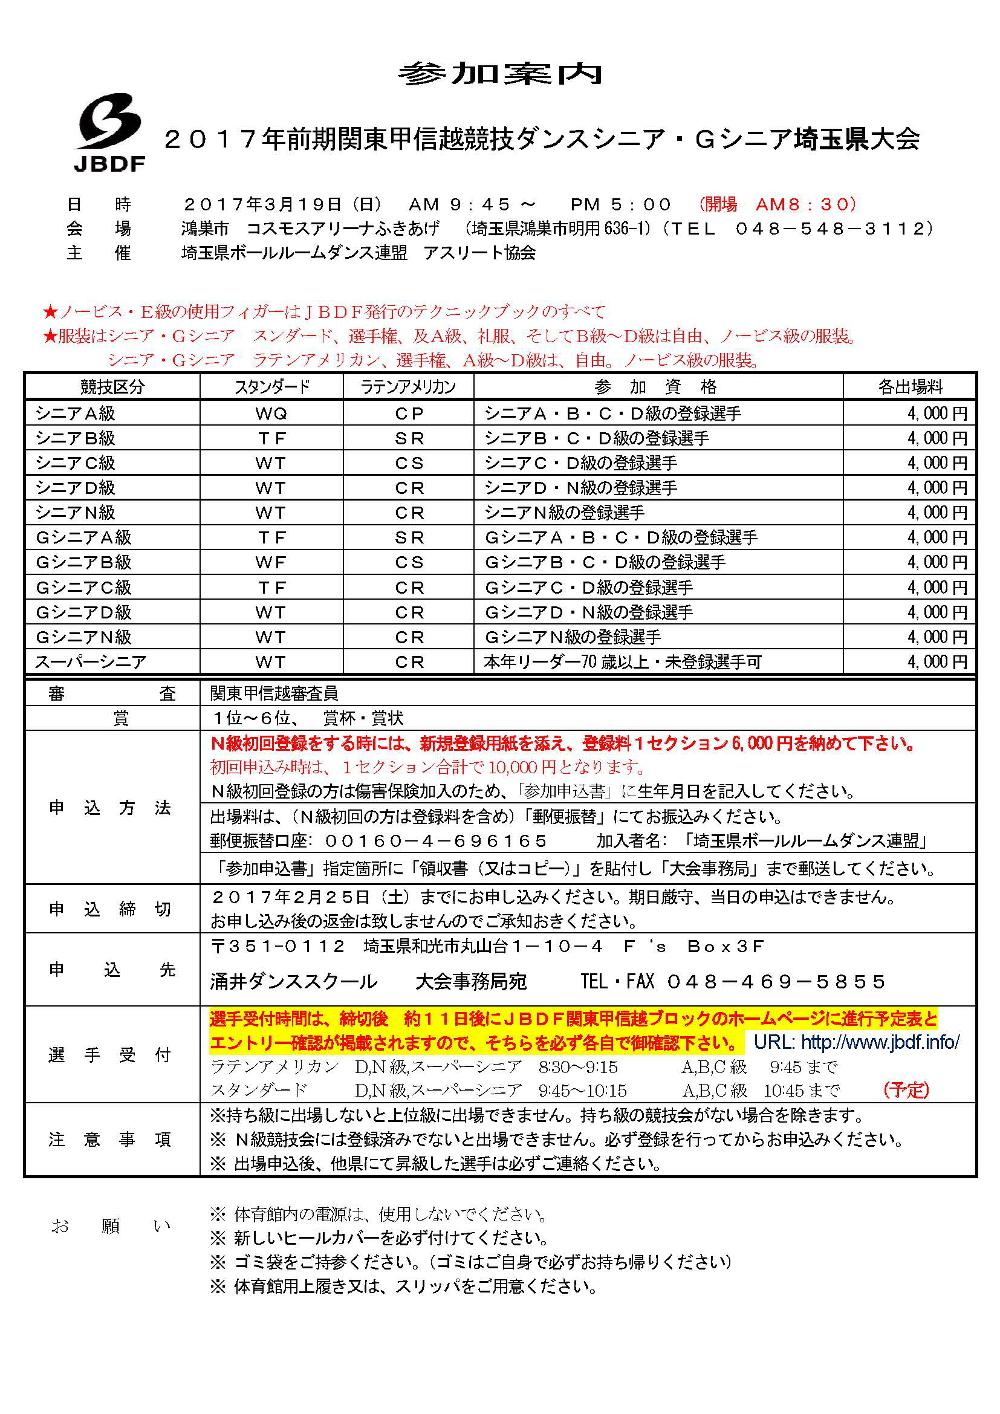 社交ダンス|シニア|競技会|埼玉県|ボールルームダンス|連盟